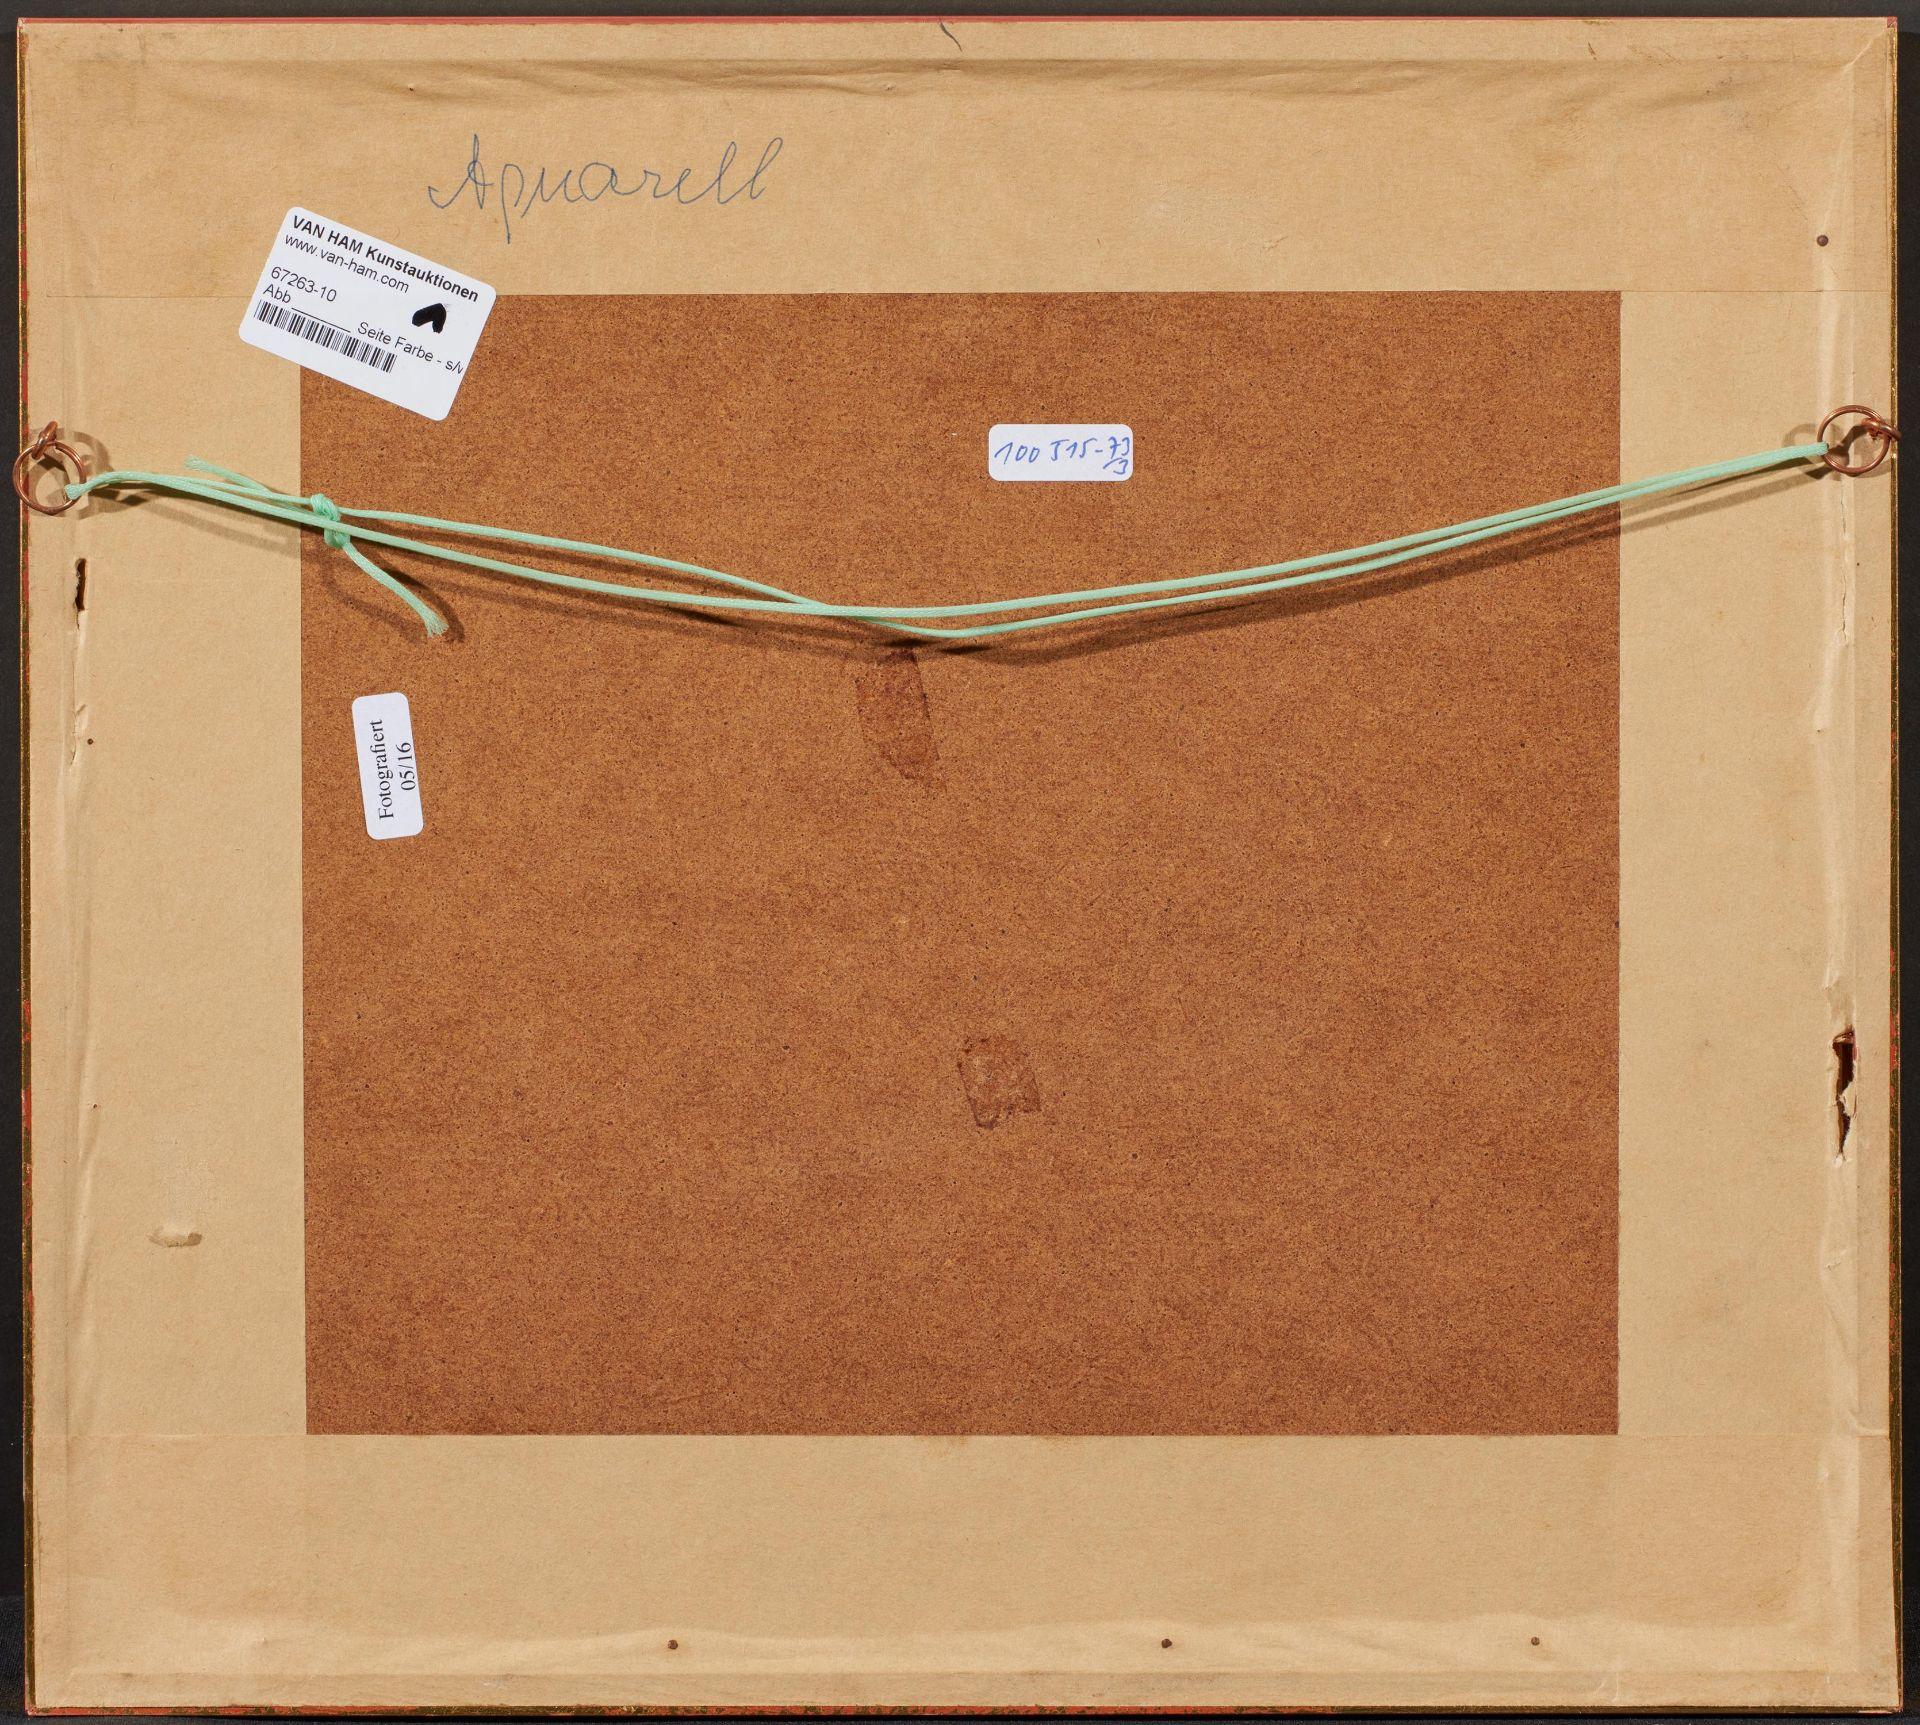 Englischer Meister. um 1900. Drei Aquarelle: Gänse und Enten. Jeweils: Aquarell auf Papier. - Bild 4 aus 11